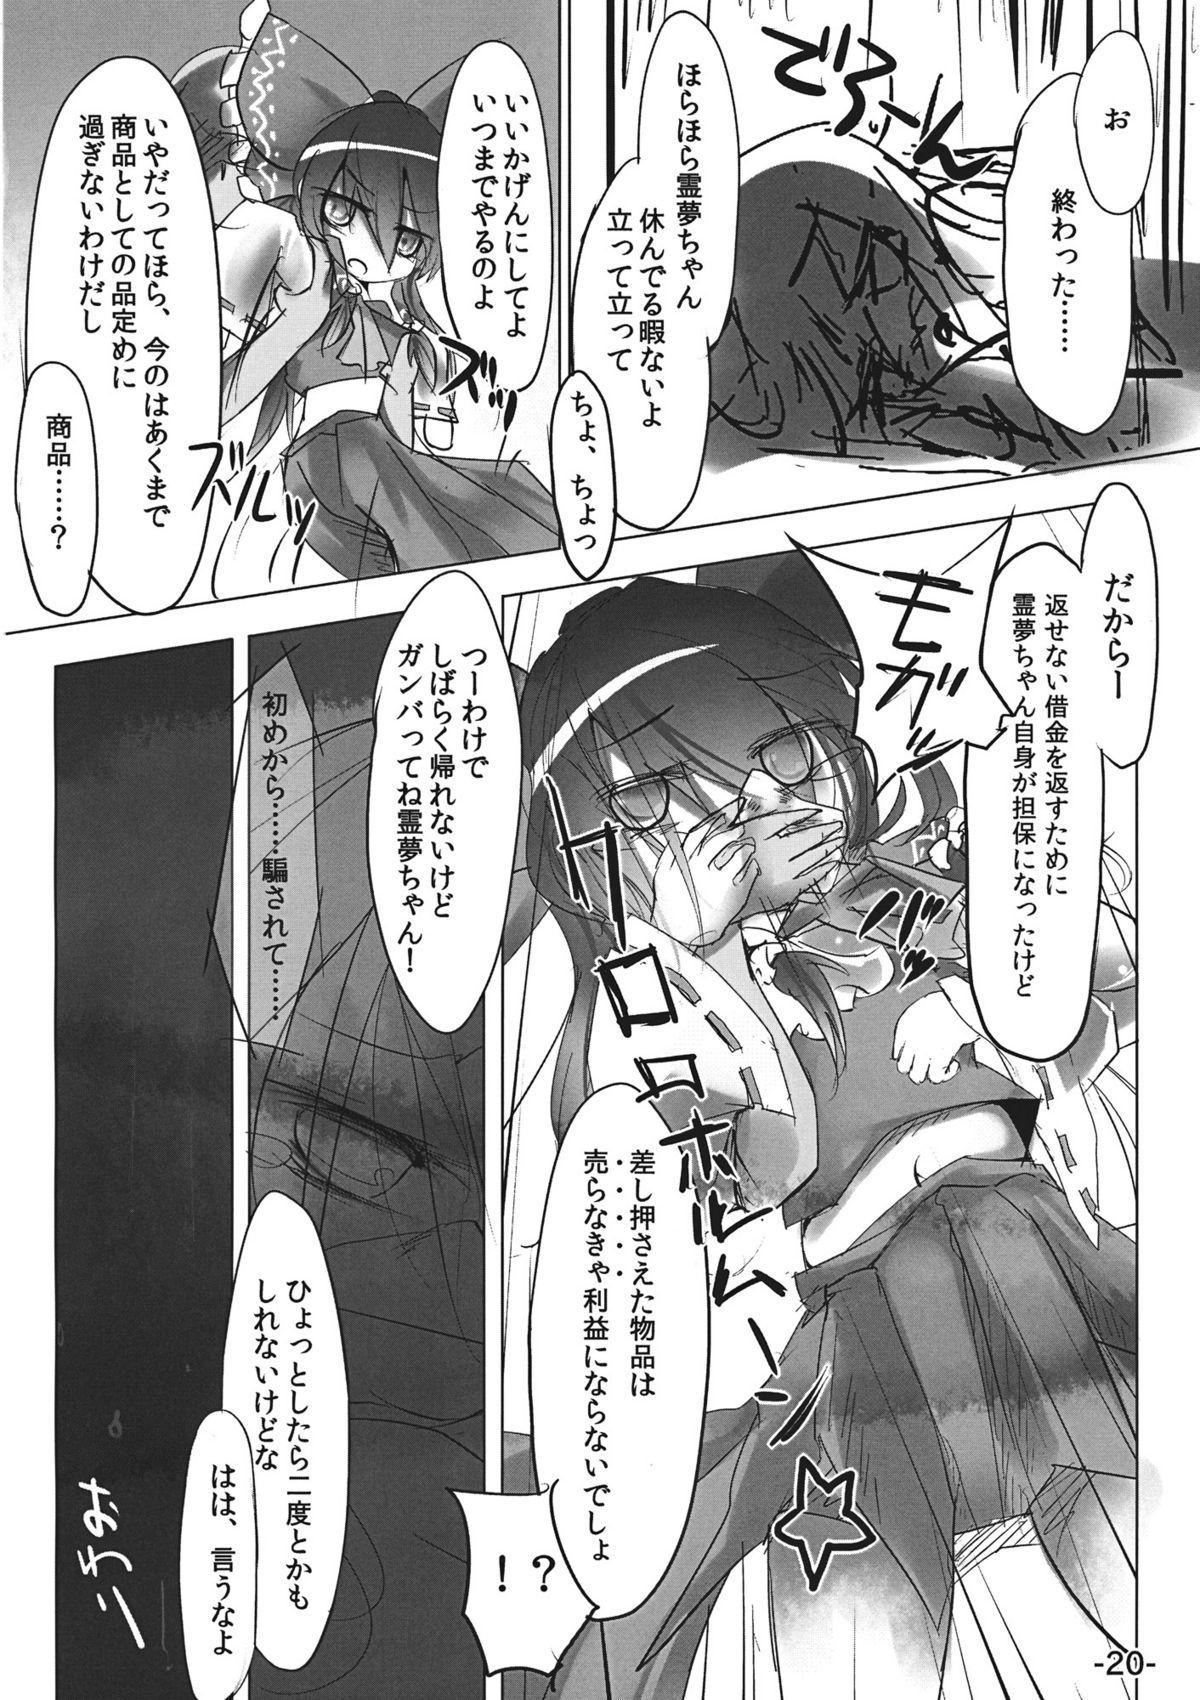 Sashiosae Reimu 19